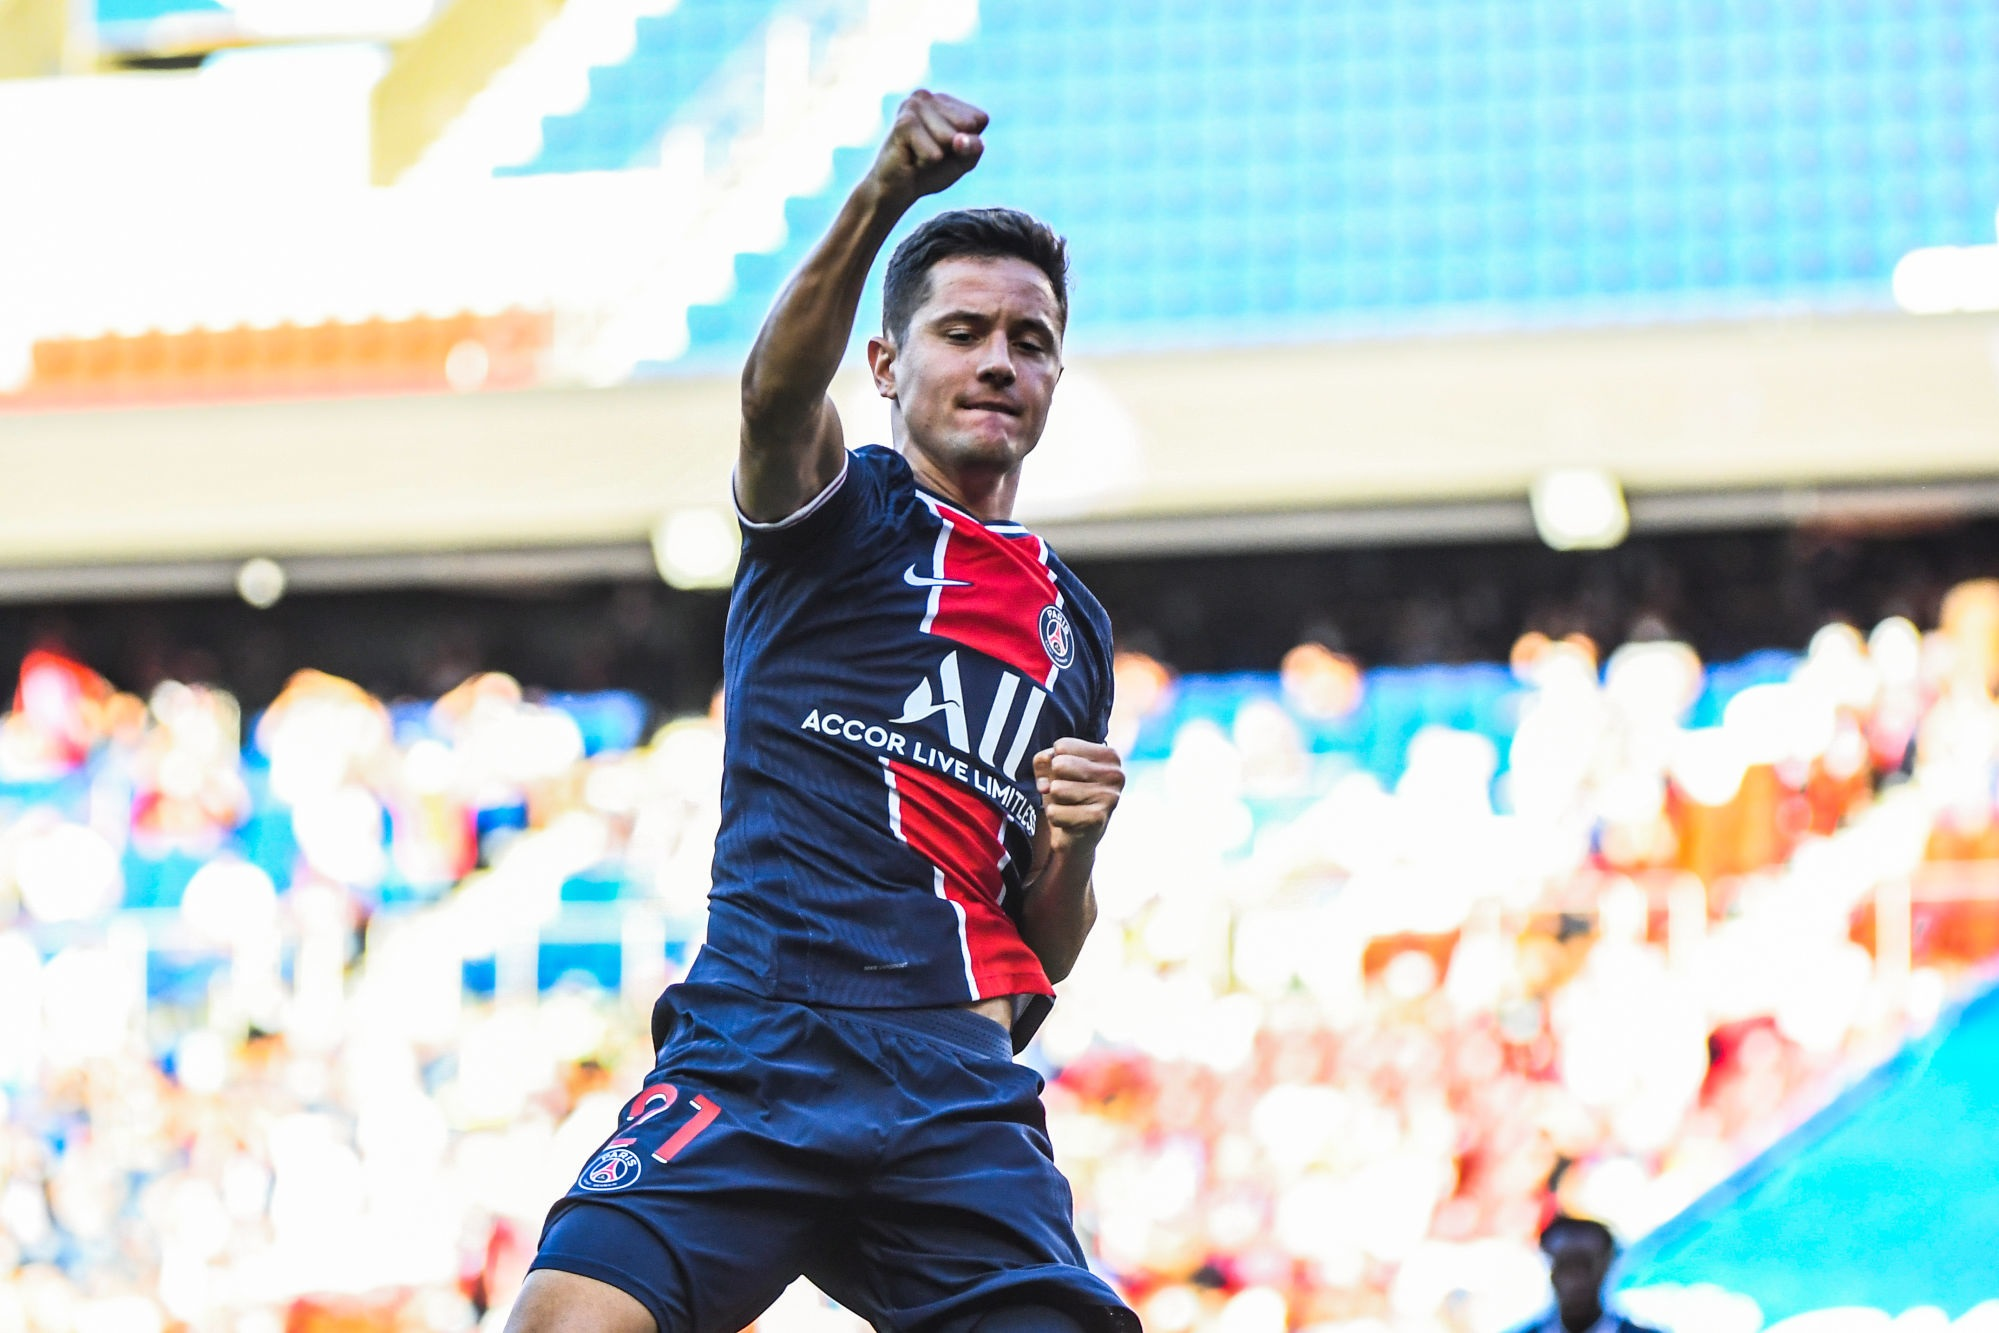 Atalanta/PSG - L'équipe parisienne d'après RMC Sport : Herrera titulaire plutôt que Paredes